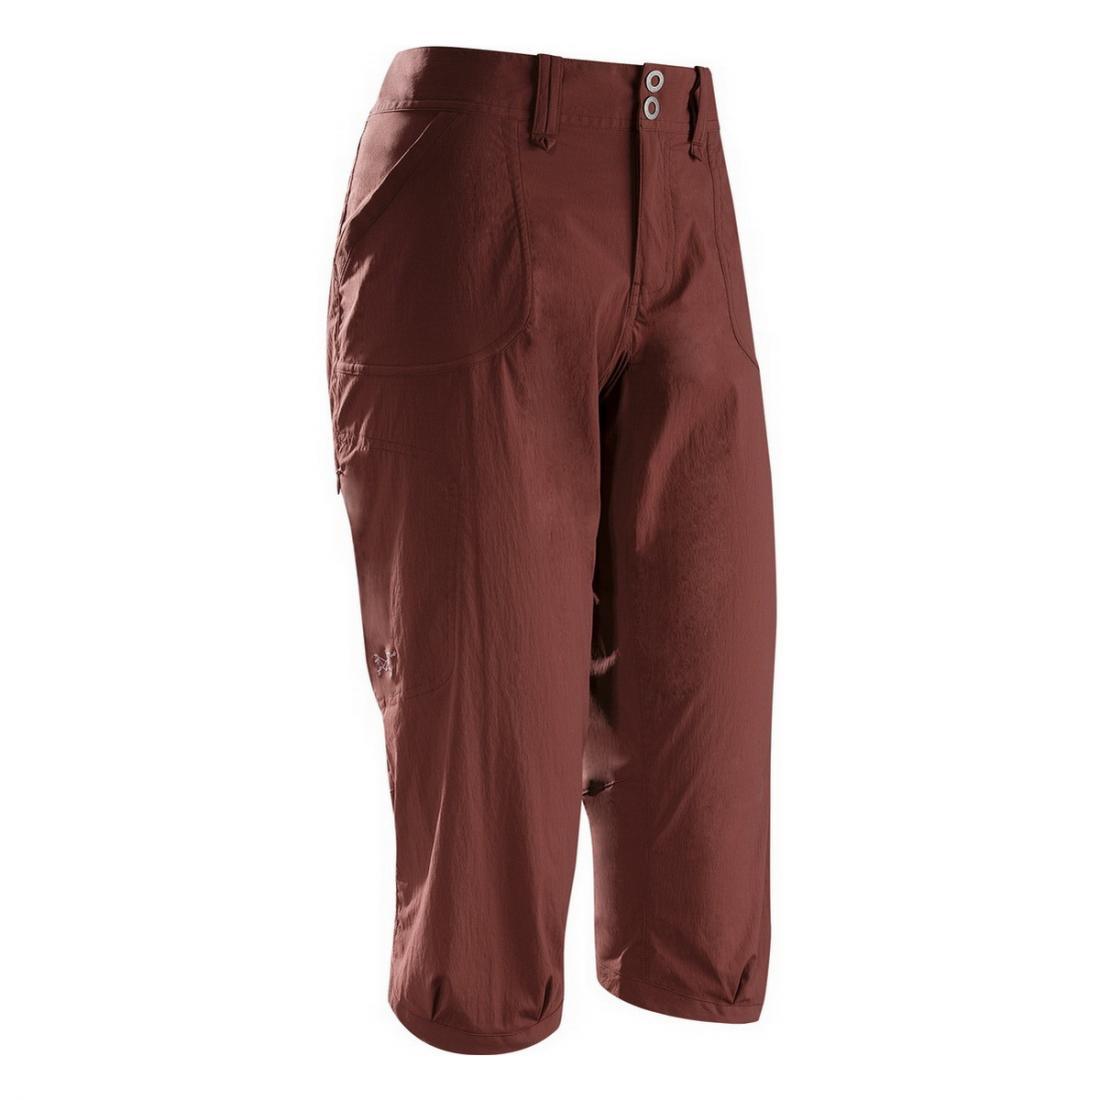 Брюки (3/4) Parapet Capri жен.Шорты, бриджи<br><br> Капри Arcteryx Parapet Capri свободного кроя созданы для активных женщин, которые ценят комфорт. Они оснащены удобным широким поясом и изготовлены из прочной, эластичной ткани, которая обеспечивает свободу движений. Также модель привлекает внимание...<br><br>Цвет: Бордовый<br>Размер: 6